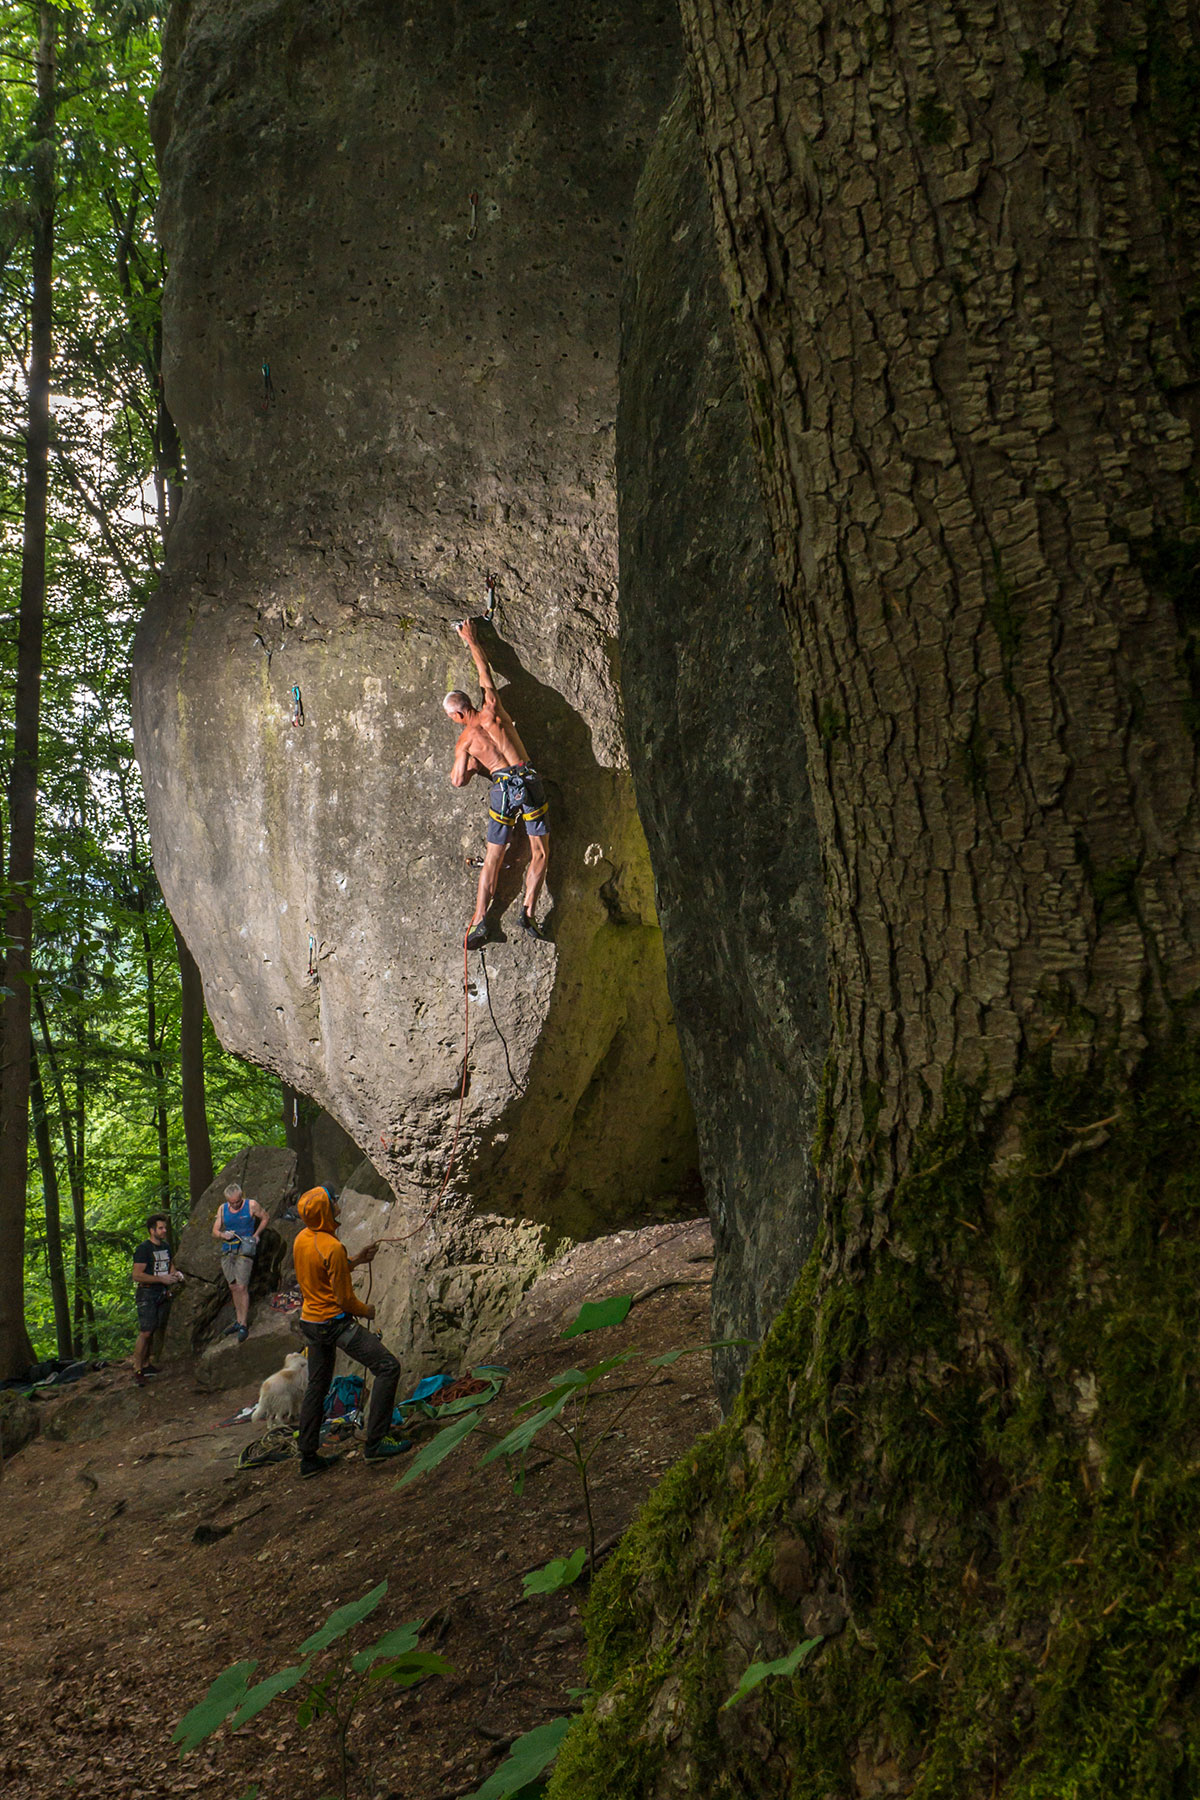 Frankenjura, Oberngruber-Wand, Drittelmix, 9-, Kletterer Frieder Lange